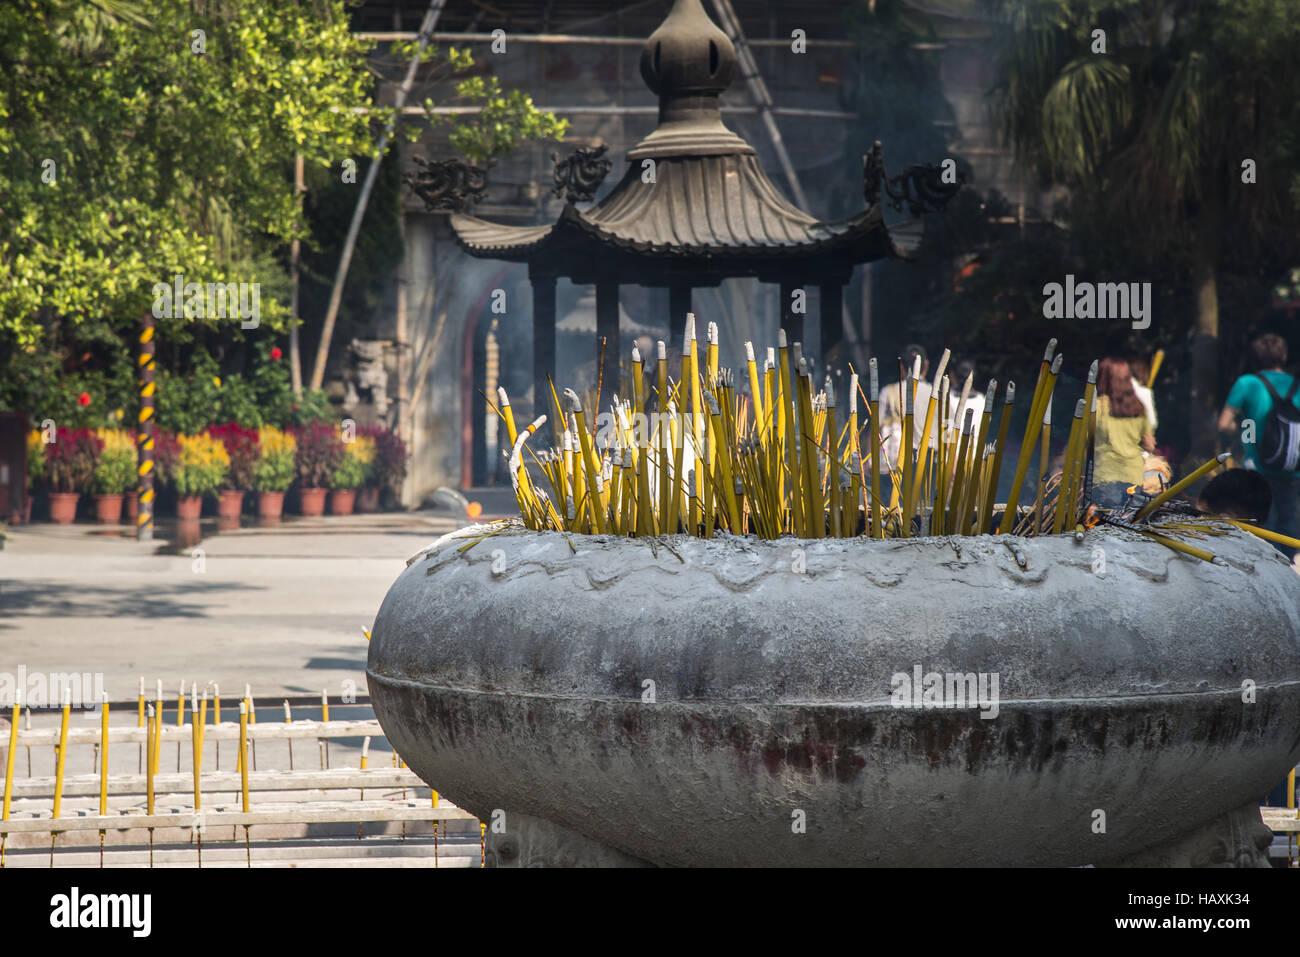 Burning incense stick - Stock Image